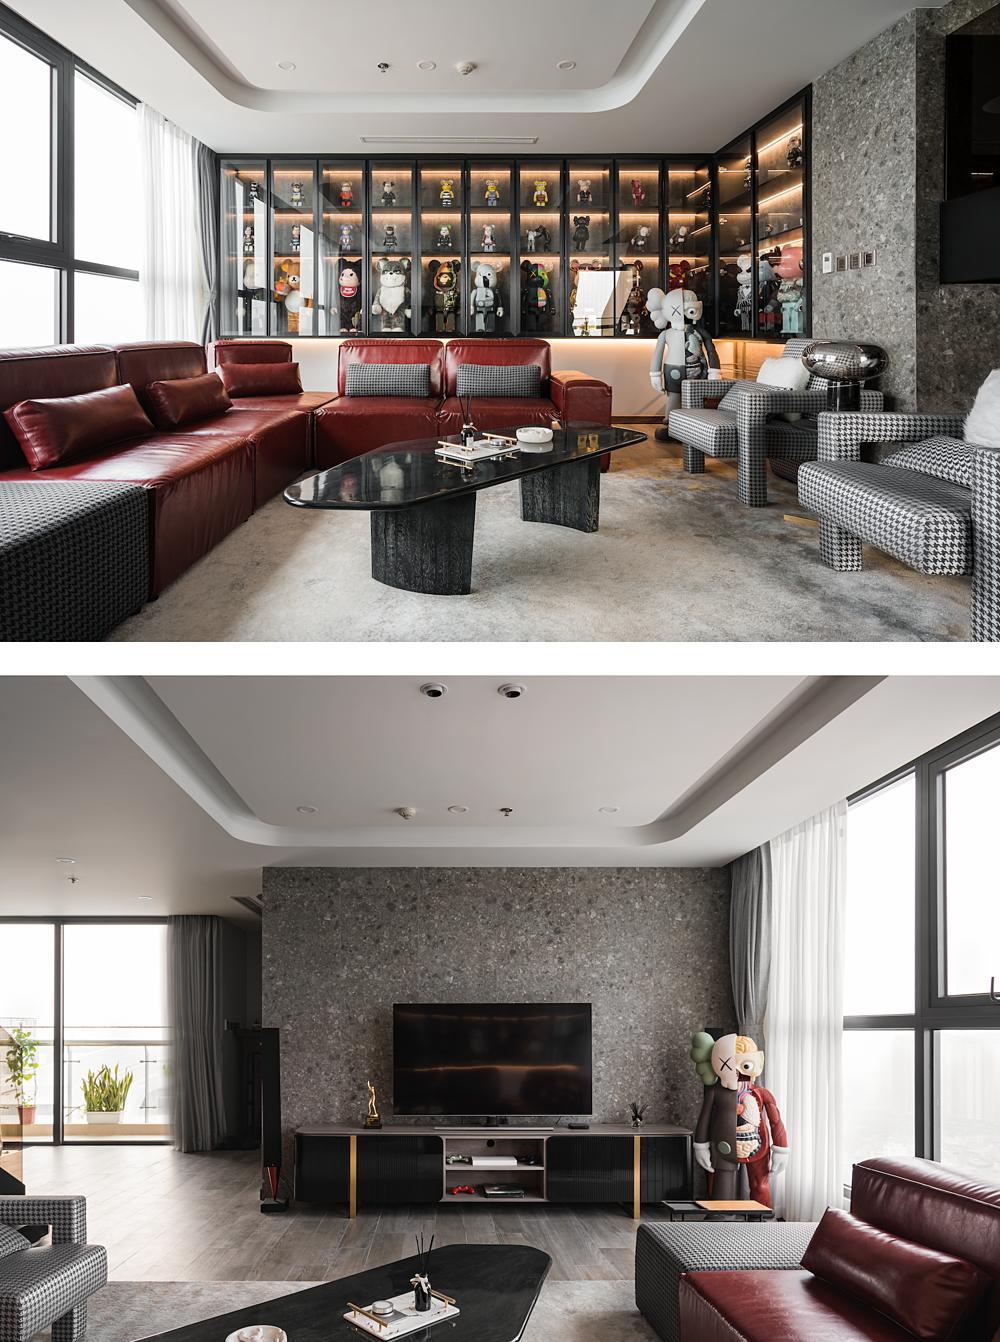 Bộ sưu tập đắt giá cùng sofa đỏ tạo điểm nhấn cho phòng khách. Ảnh: ABlueBird Photography.